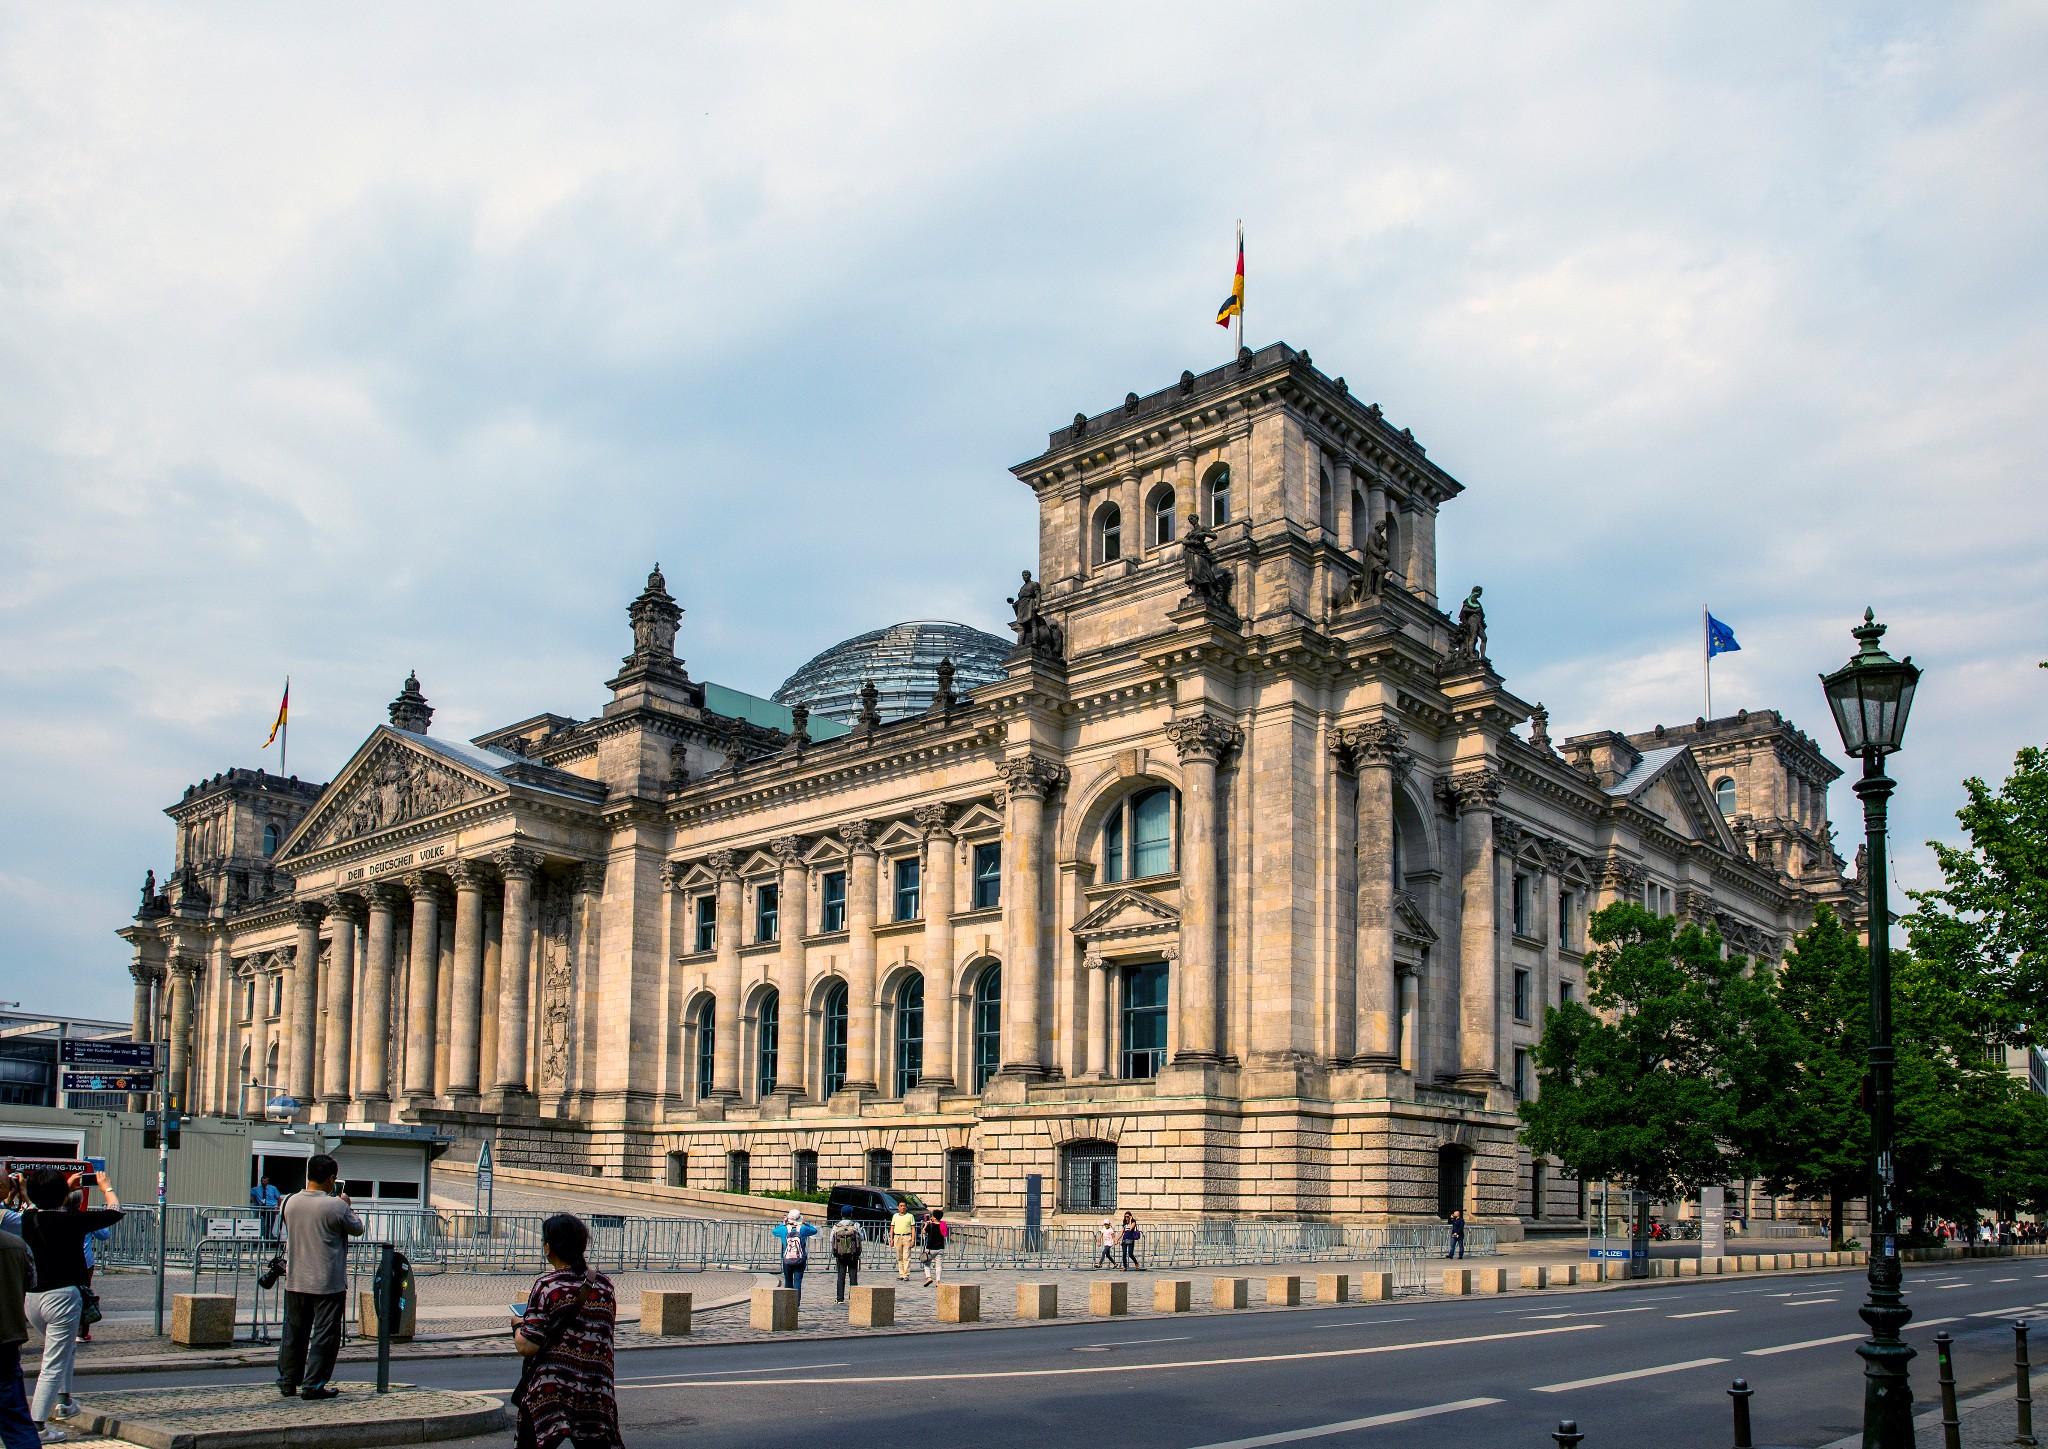 德国-柏林-勃兰登堡,国会大厦,洪堡大学,柏林大教堂,柏林墙_游记